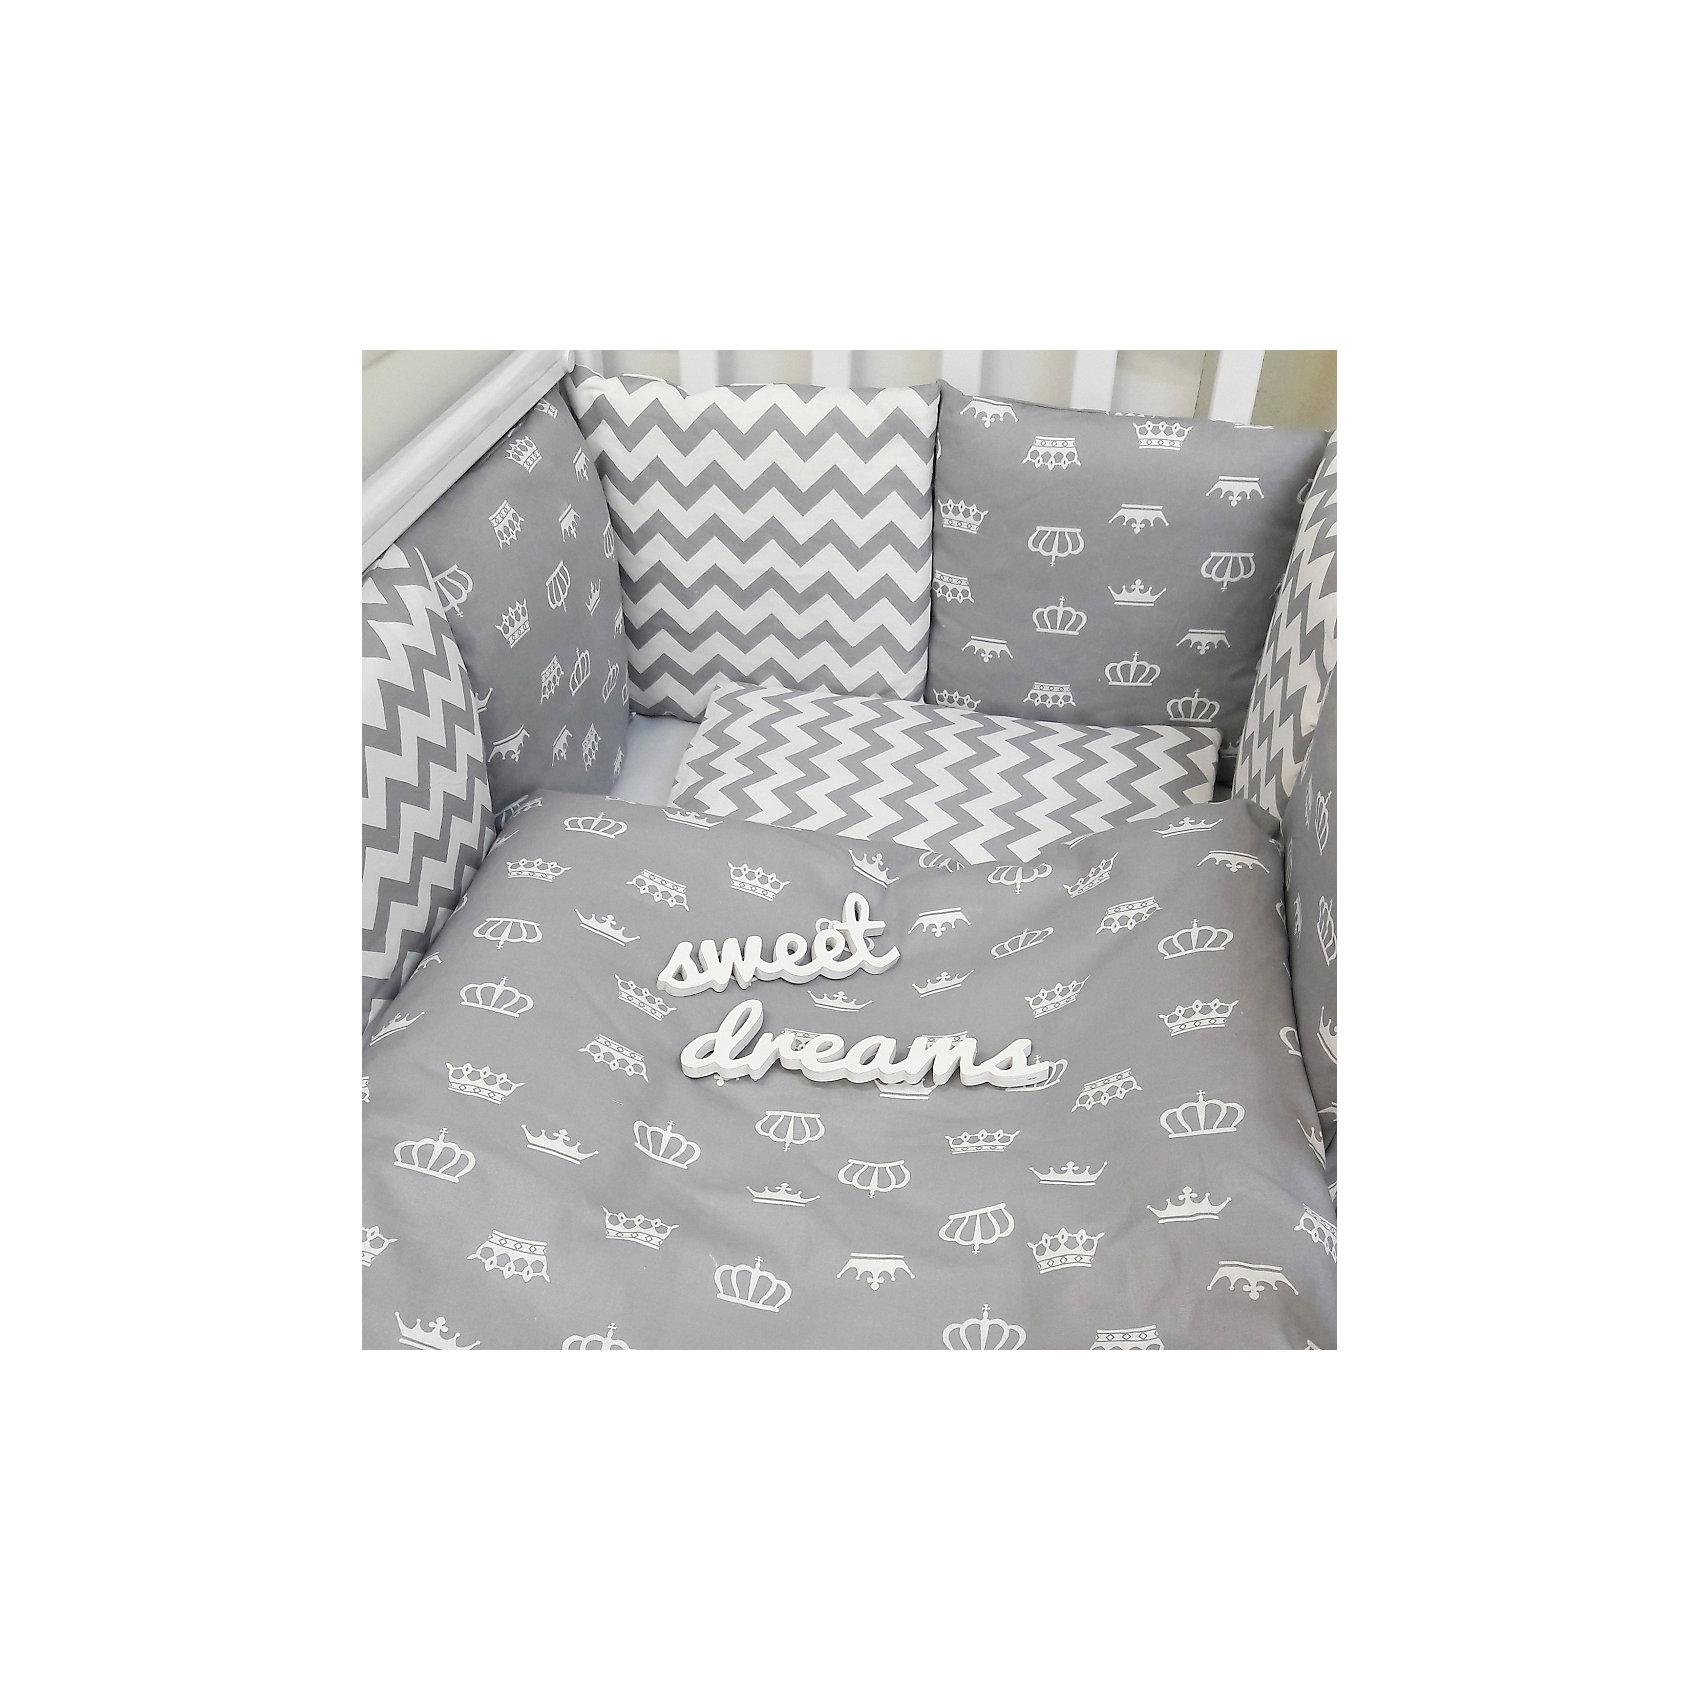 Постельное белье Короны 6 пред., by Twinz, серыйПостельное бельё<br>Характеристики:<br><br>• Вид домашнего текстиля: постельное белье<br>• Тип постельного белья по размерам: детское<br>• Пол: универсальный<br>• Материал: сатин, 100% <br>• Наполнитель одеяла и подушки: холофайбер, 100% (лебяжий пух)<br>• Цвет: белый, серый<br>• Тематика рисунка: короны, геометрия<br>• Комплектация: <br> бортики-подушки 59*44 см – 6 шт.<br> наволочки на бортики 60*45 см – 6 шт.<br> пододеяльник 105*145 см – 1 шт. <br> одеяло 100*140 см – 1 шт. <br> простынь на резинке 125*65 см – 1 шт. <br> подушка 35*45 см – 1 шт. <br> наволочка 36*46 см – 1 шт. <br>• Сособ крепления бортиков ук кроватке: завязки<br>• Съемные наволочки у бортиков на молнии <br>• Вес в упаковке: 3 кг<br>• Размеры упаковки (Д*Ш*В): 58*18*58 см<br>• Особенности ухода: машинная стирка при температуре 30 градусов без использования отбеливающих веществ<br><br>Постельное белье Короны 6 пред., by Twinz, серый изготовлено под отечественным торговым брендом, выпускающим текстиль и мебель из натуральных материалов для новорожденных и детей. Комплект состоит из шести предметов: одеяла, подушки, пододеяльника, простыни, наволочки и комплекта бортиков. <br><br>Размер изделий подходит для деткских кроваток классических моделей размером 100*60 см и 125*65 см. Комплект выполнен из сатина, который обладает мягкостью, гигроскопичностью, гипоаллергенностью, прочностью полотна и яркостью расцветок. Тщательно выполненные внутренние швы на изделиях обеспечивают постельному белью длительный срок службы и защиту от деформации даже при частых стирках. Для одеяла, подушки и бортиков использован экологически безопасный и не вызывающий аллергии искусственное волокно – холлофайбер. <br><br>Комплект бортиков состоит из 6-ти подушек с наволочками на молниях. Подушки фиксируются к кроватке с помощью завязок. Простынь за счет резинок хорошо фиксируется на матрасике, что препятствует ее сползанию и сбиванию даже во время беспокойного сна. Постельное б